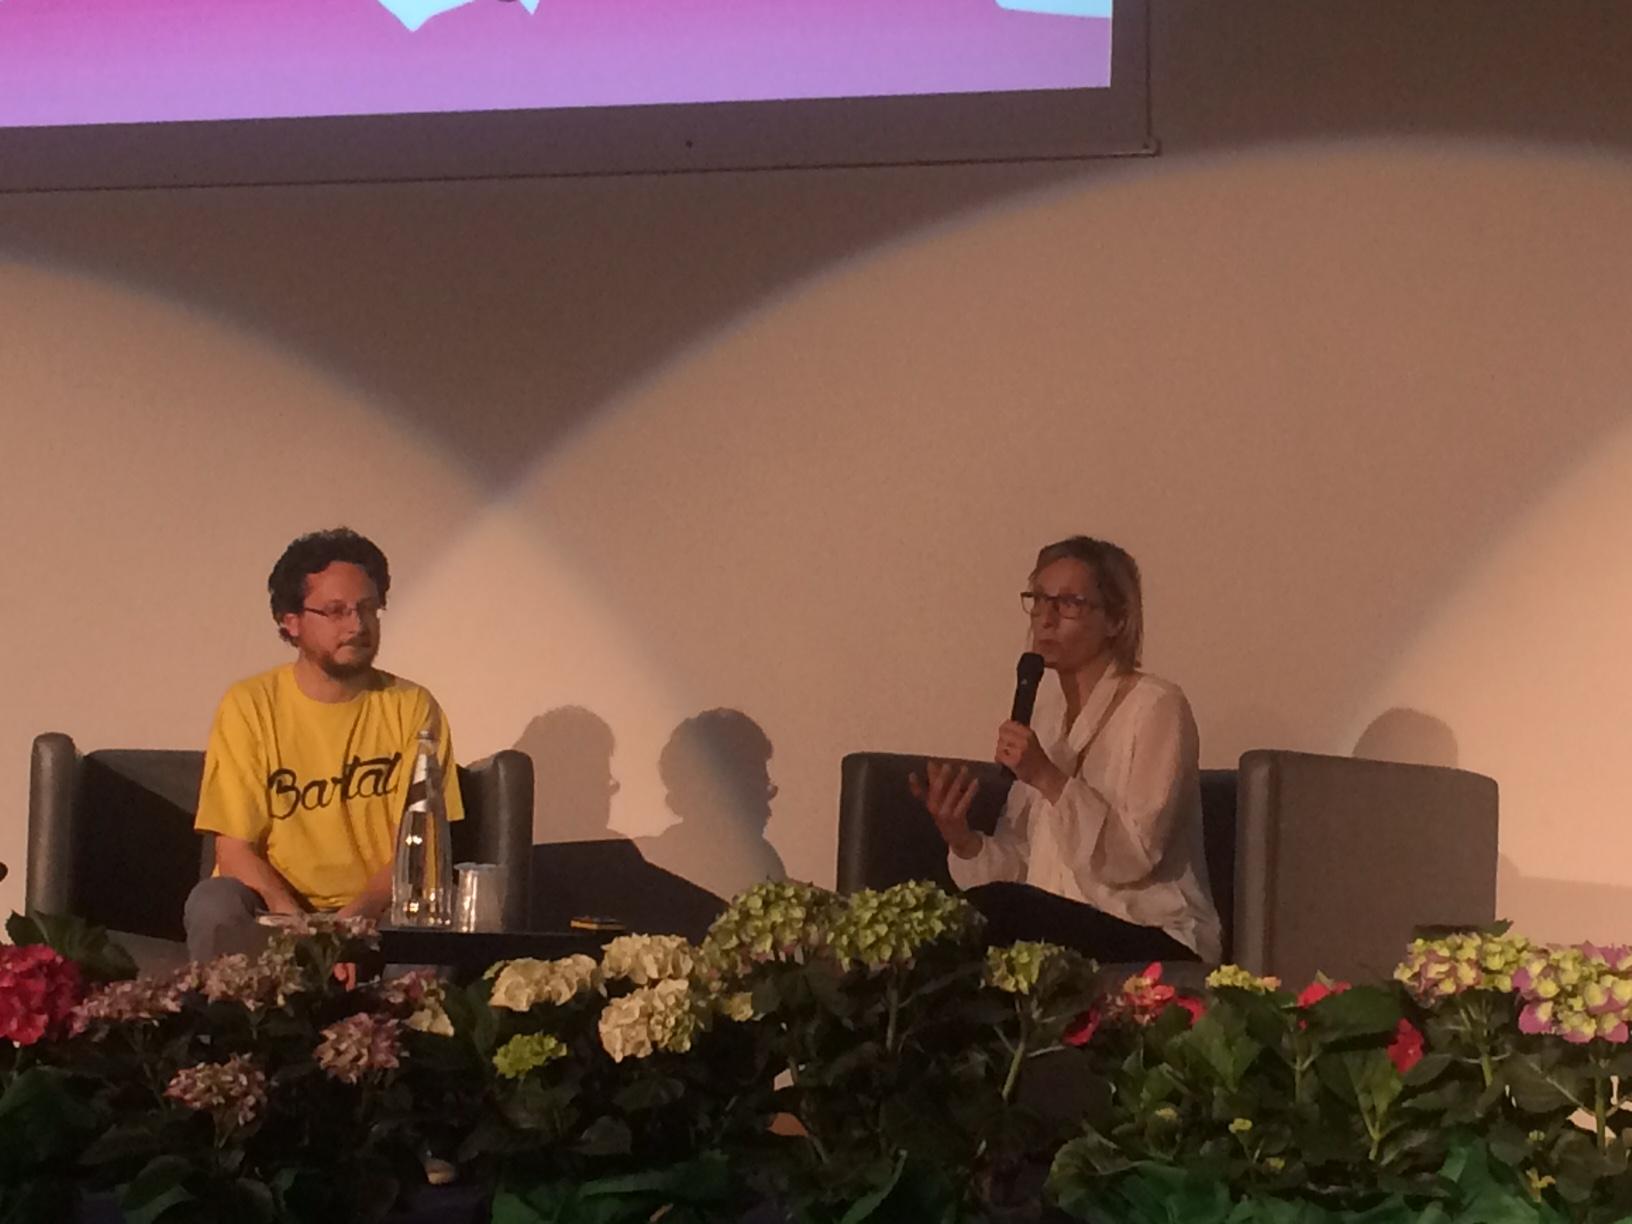 Gioia Bartali intervistata da Paolo Reineri